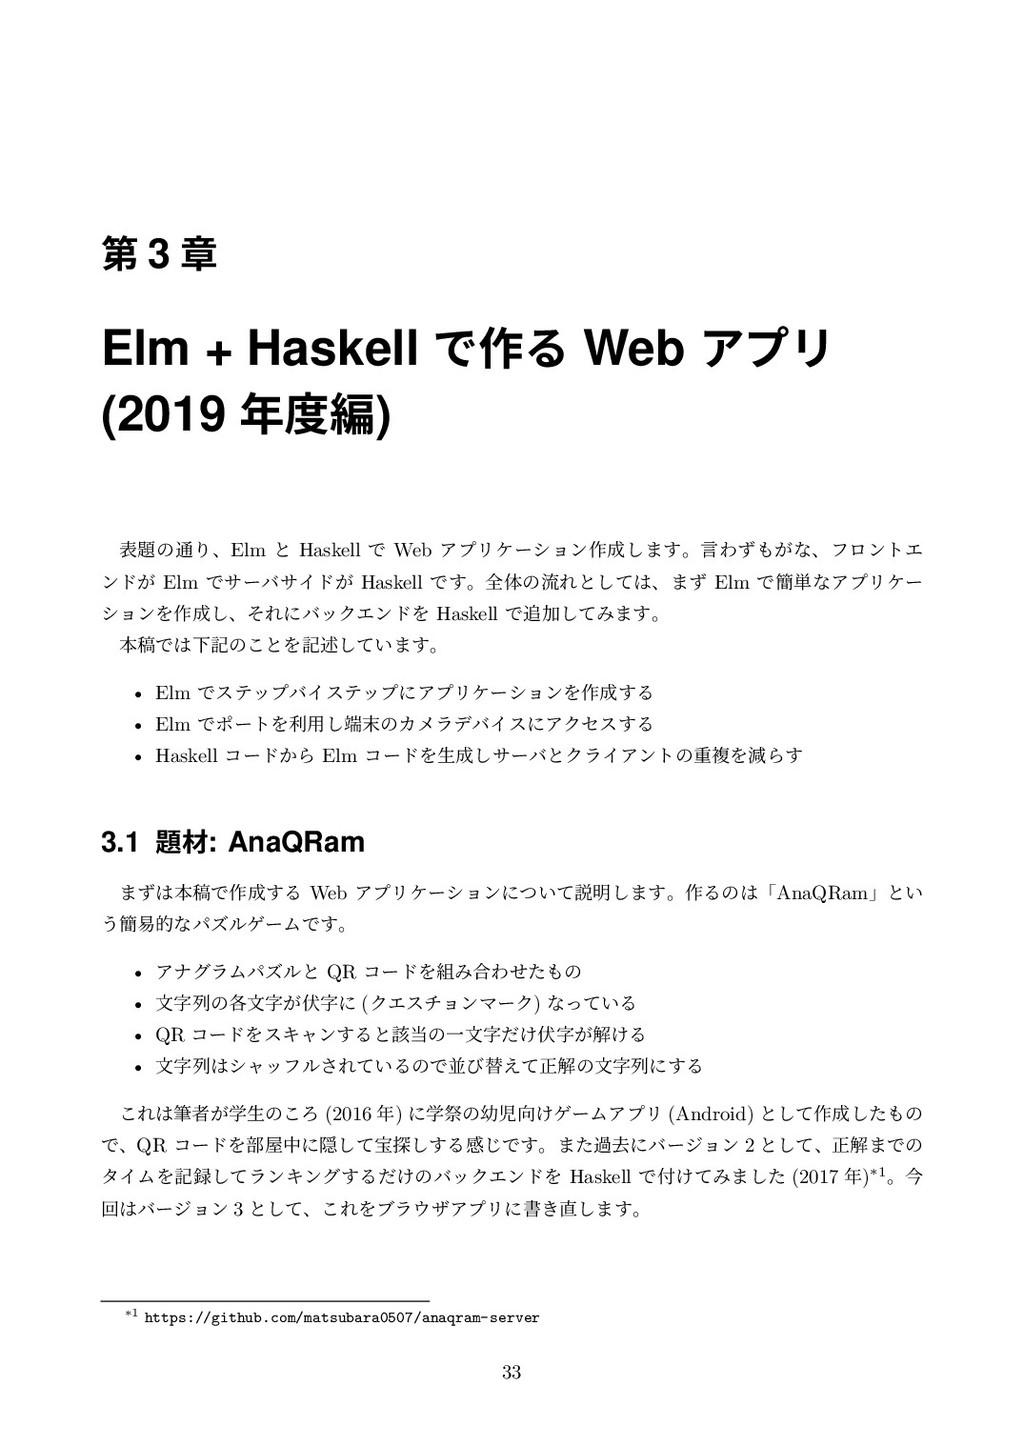 第 3 章 Elm + Haskell で作る Web アプリ (2019 年度編) 表題の通...